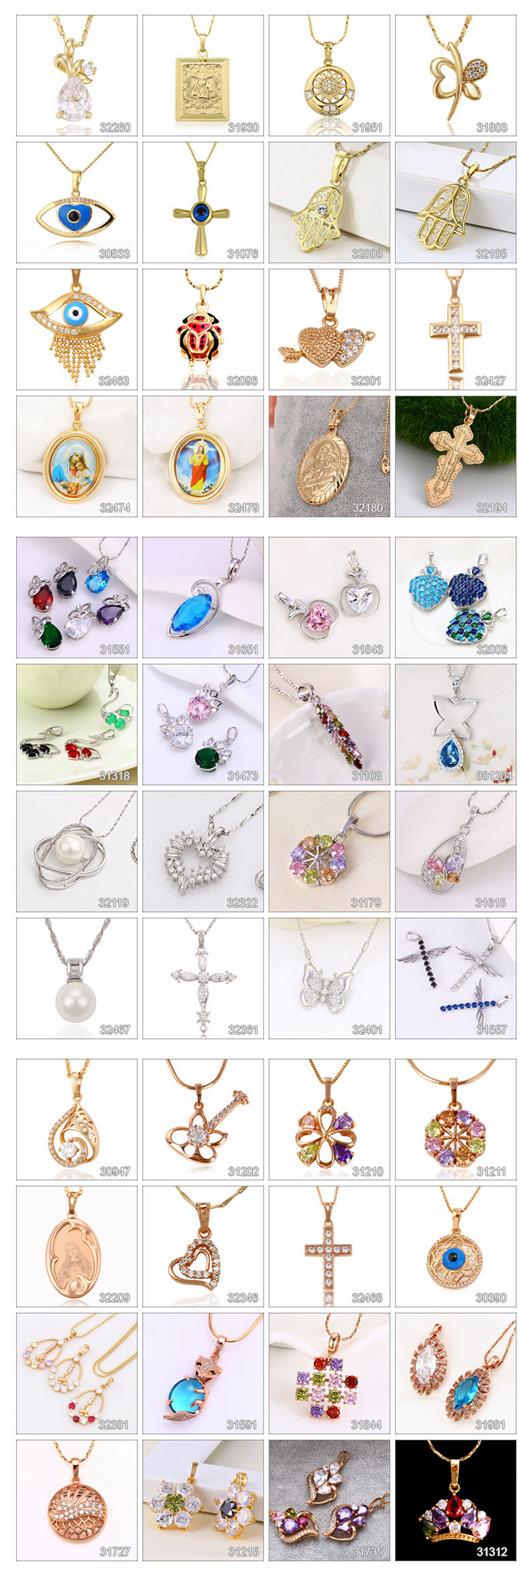 31232 Fashion Simple Multicolor Words Imitation Jewelry Chain Pendant in Alloy Copper